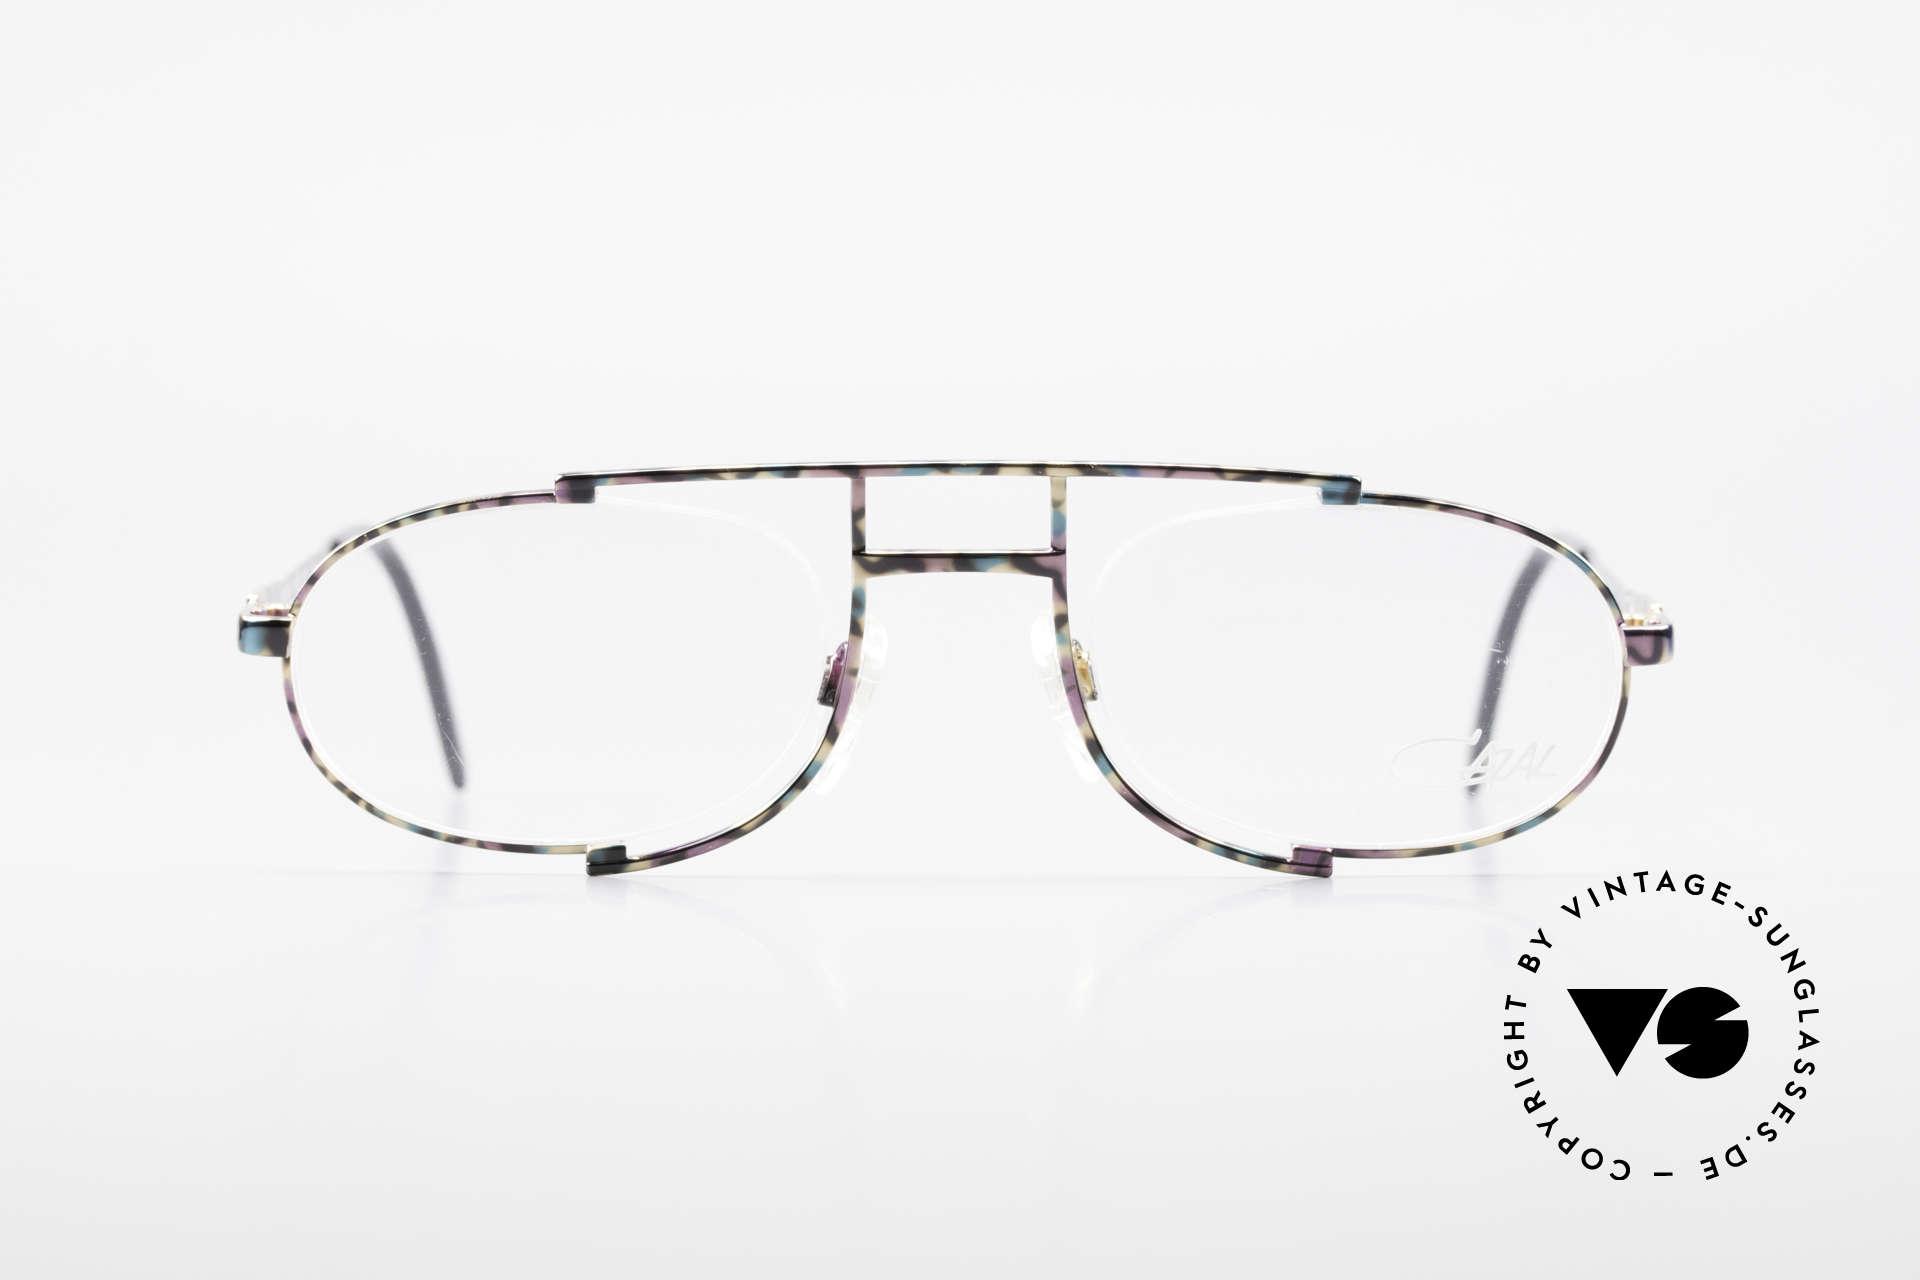 Cazal 753 Rare 90's Designer Eyeglasses, extraordinary, semi-rimless frame construction, Made for Men